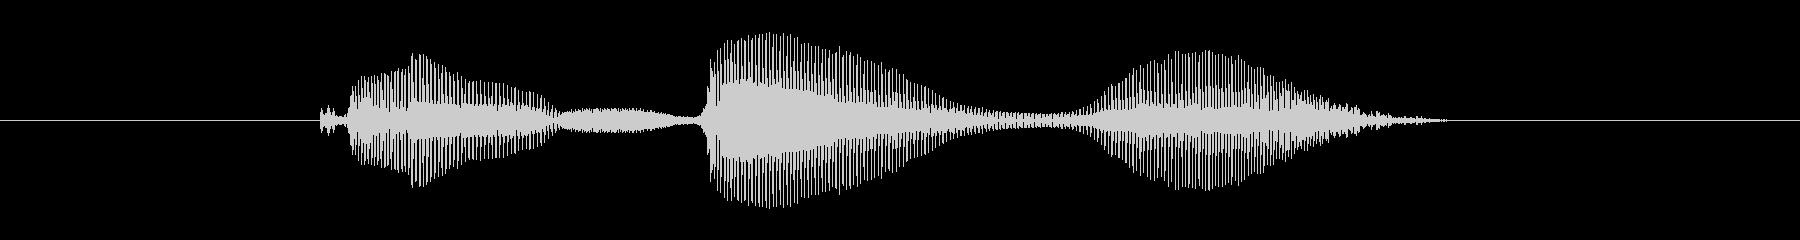 【おっとり】こんばんは。の未再生の波形